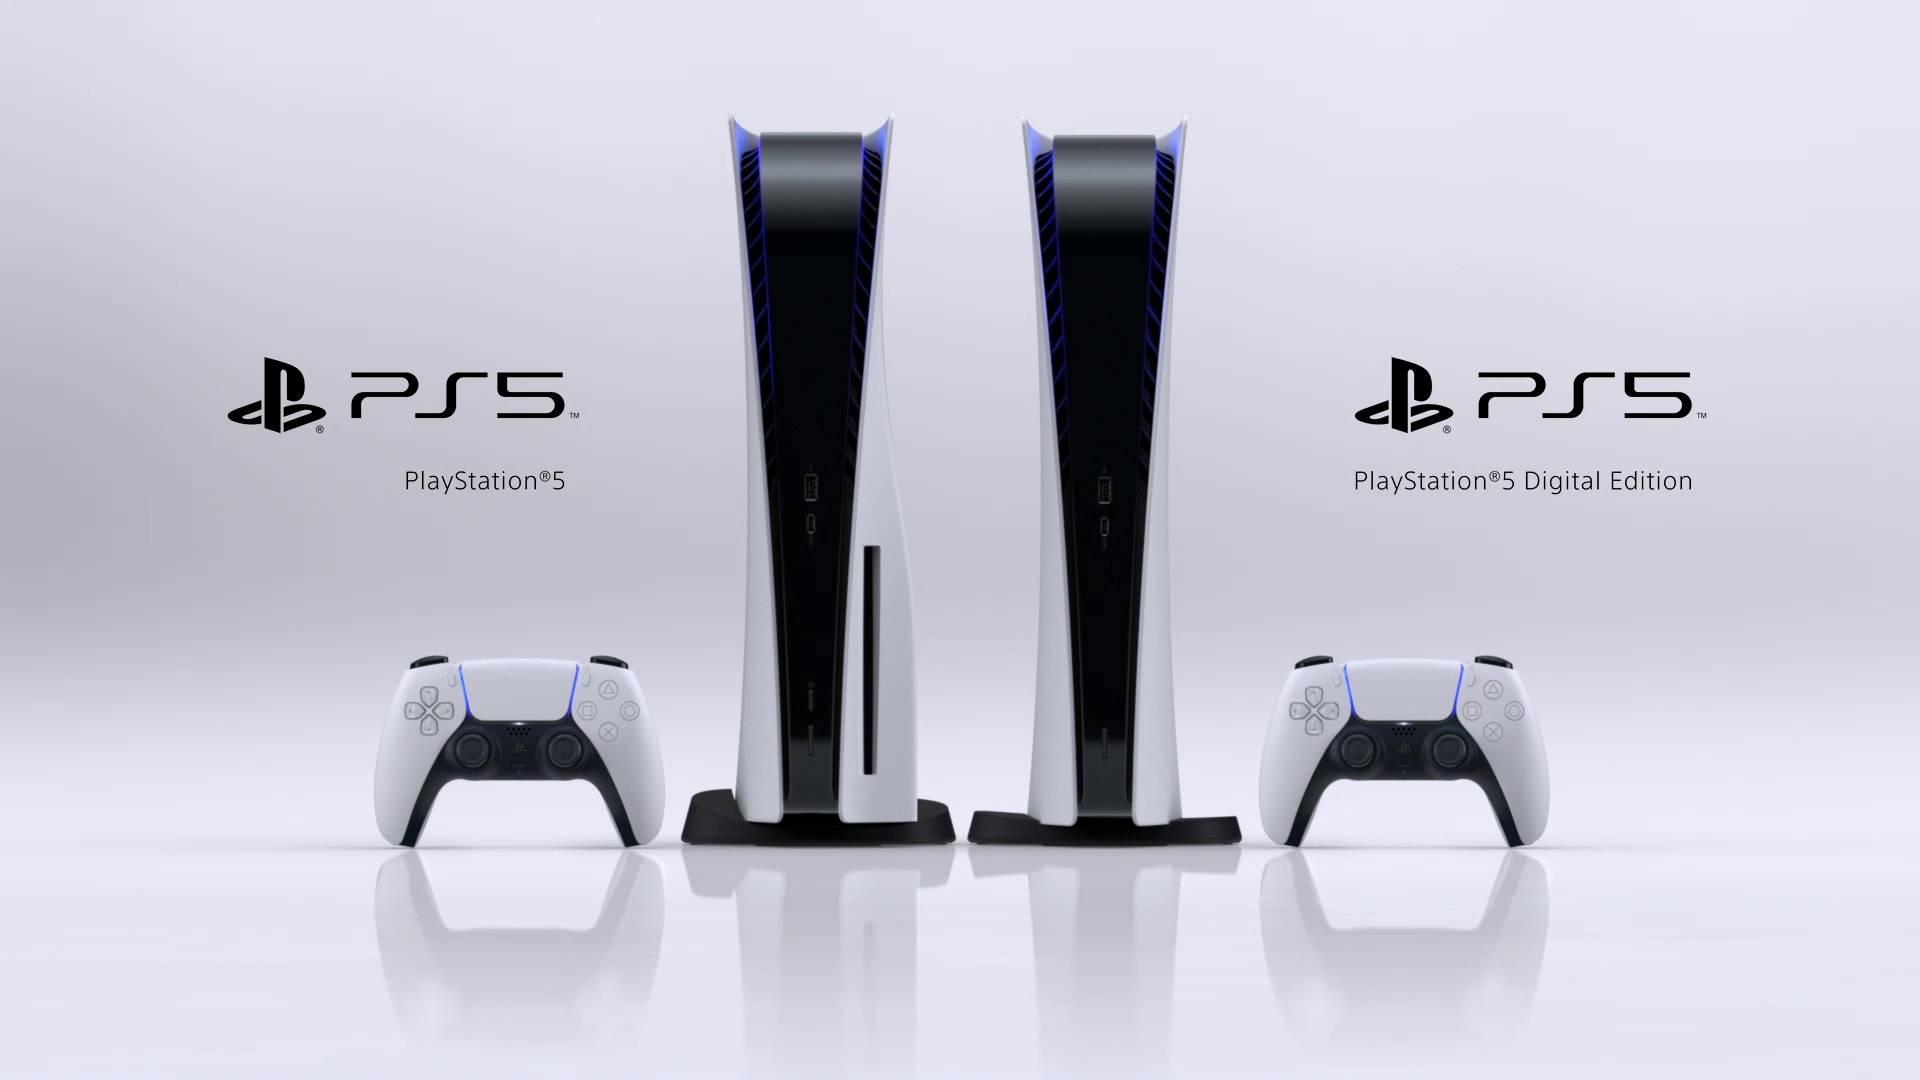 nieuwe voorraad verwacht mei Playstation 5